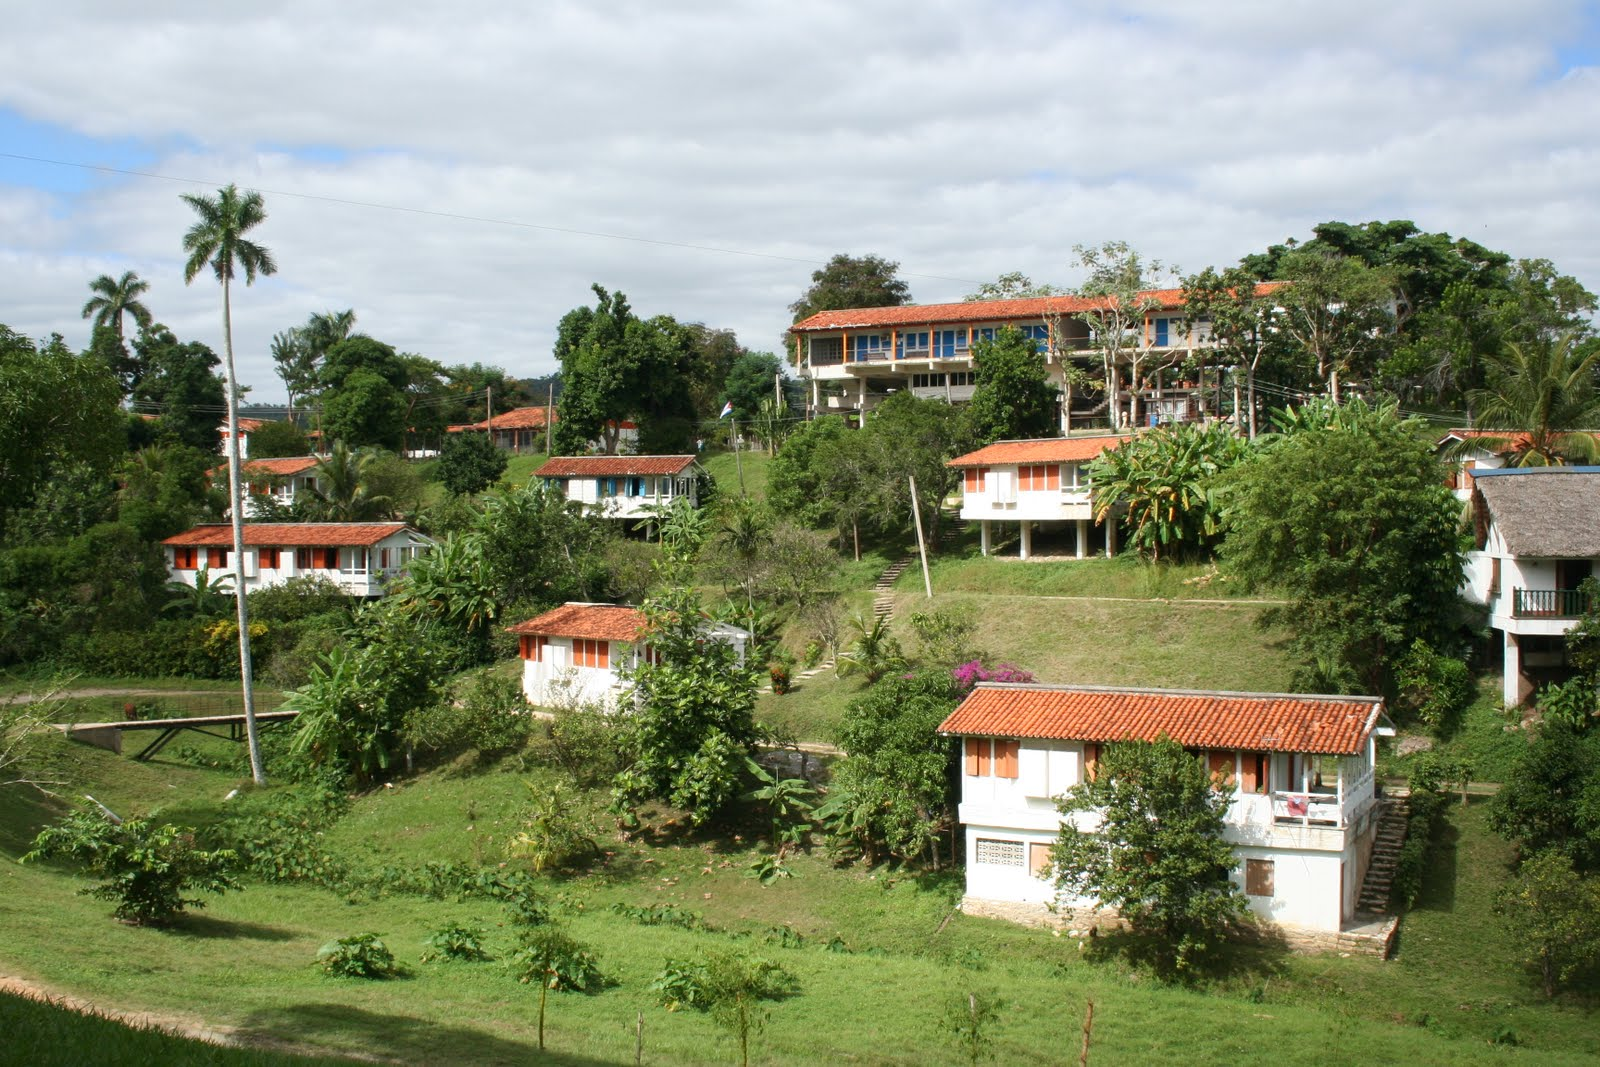 Las terrazas una ciudad en miniatura camaguebaxcuba for Donde queda terrazas